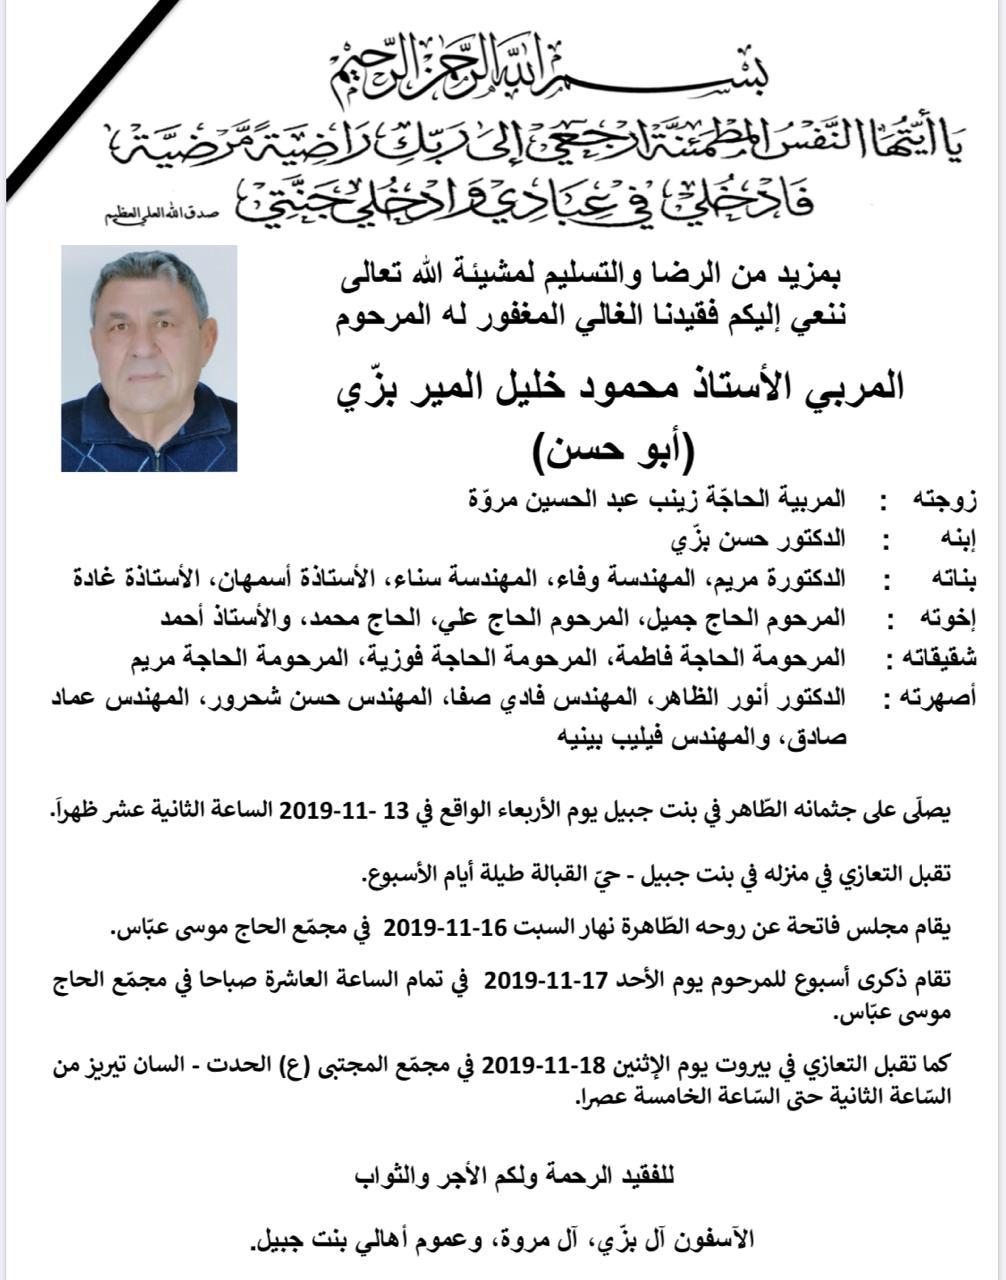 موعد تشييع المربي الأستاذ محمود خليل المير بزي (أبو حسن) في بنت جبيل